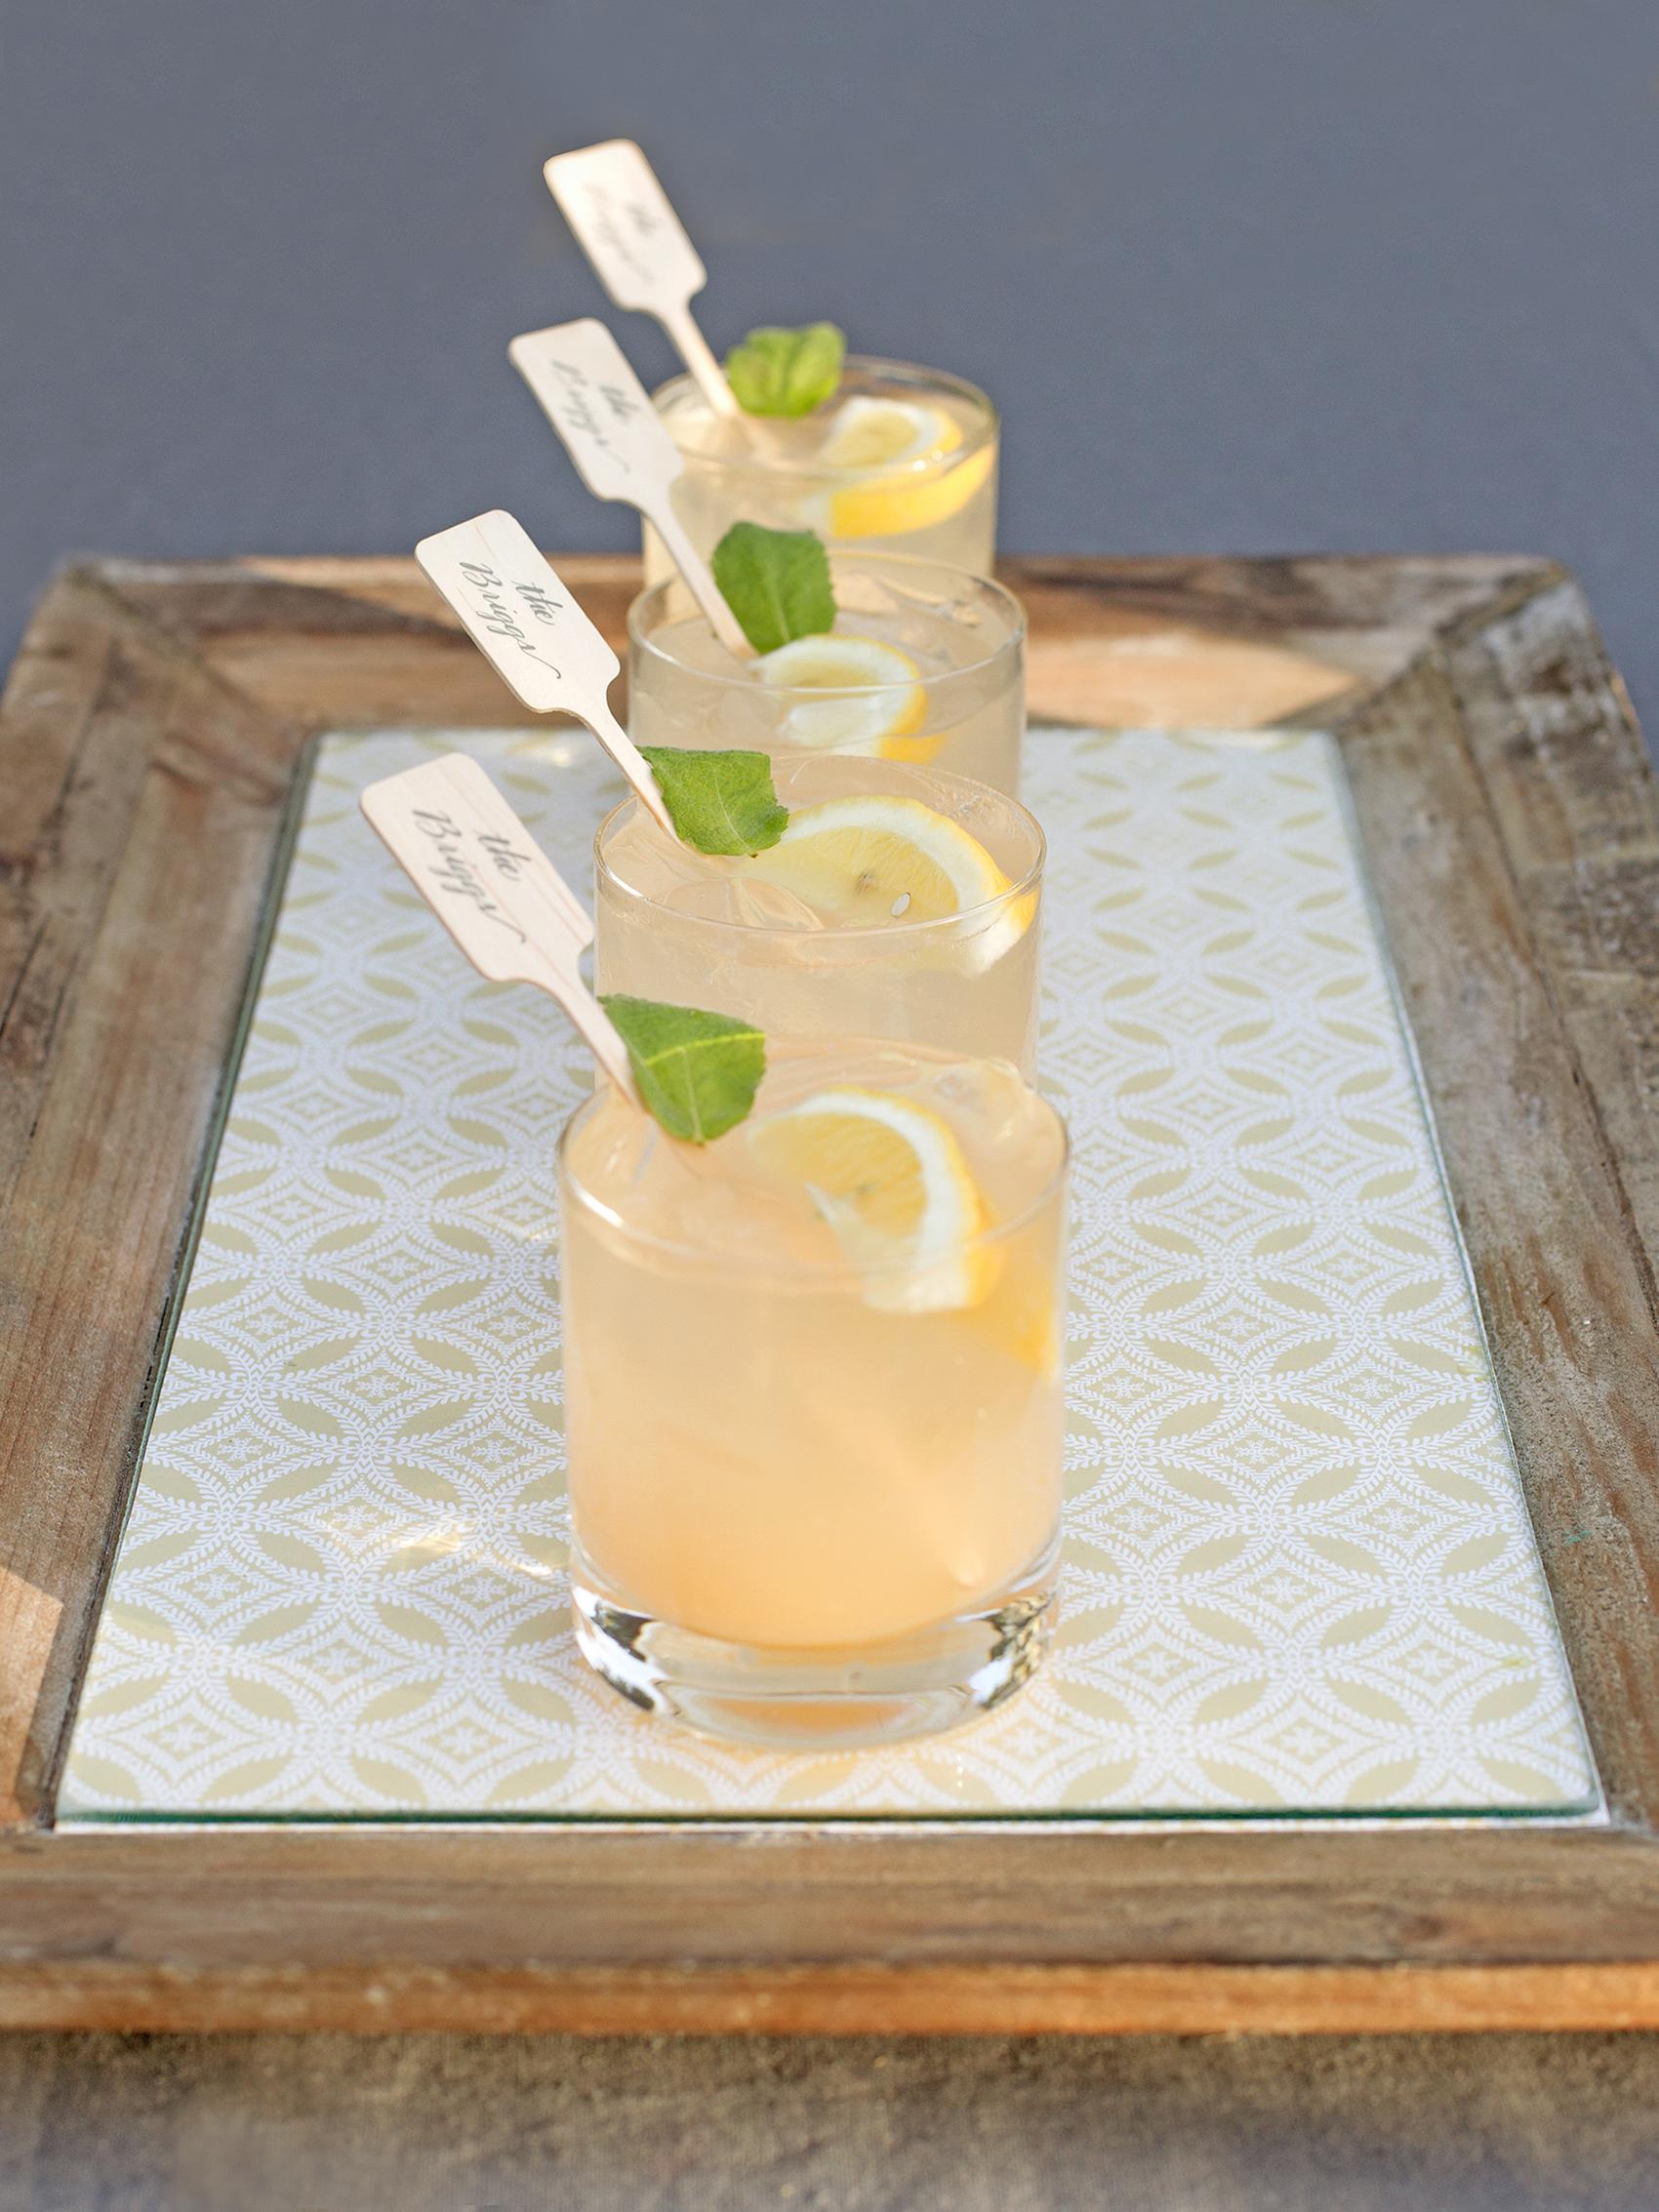 drinks with personalized swizzle sticks